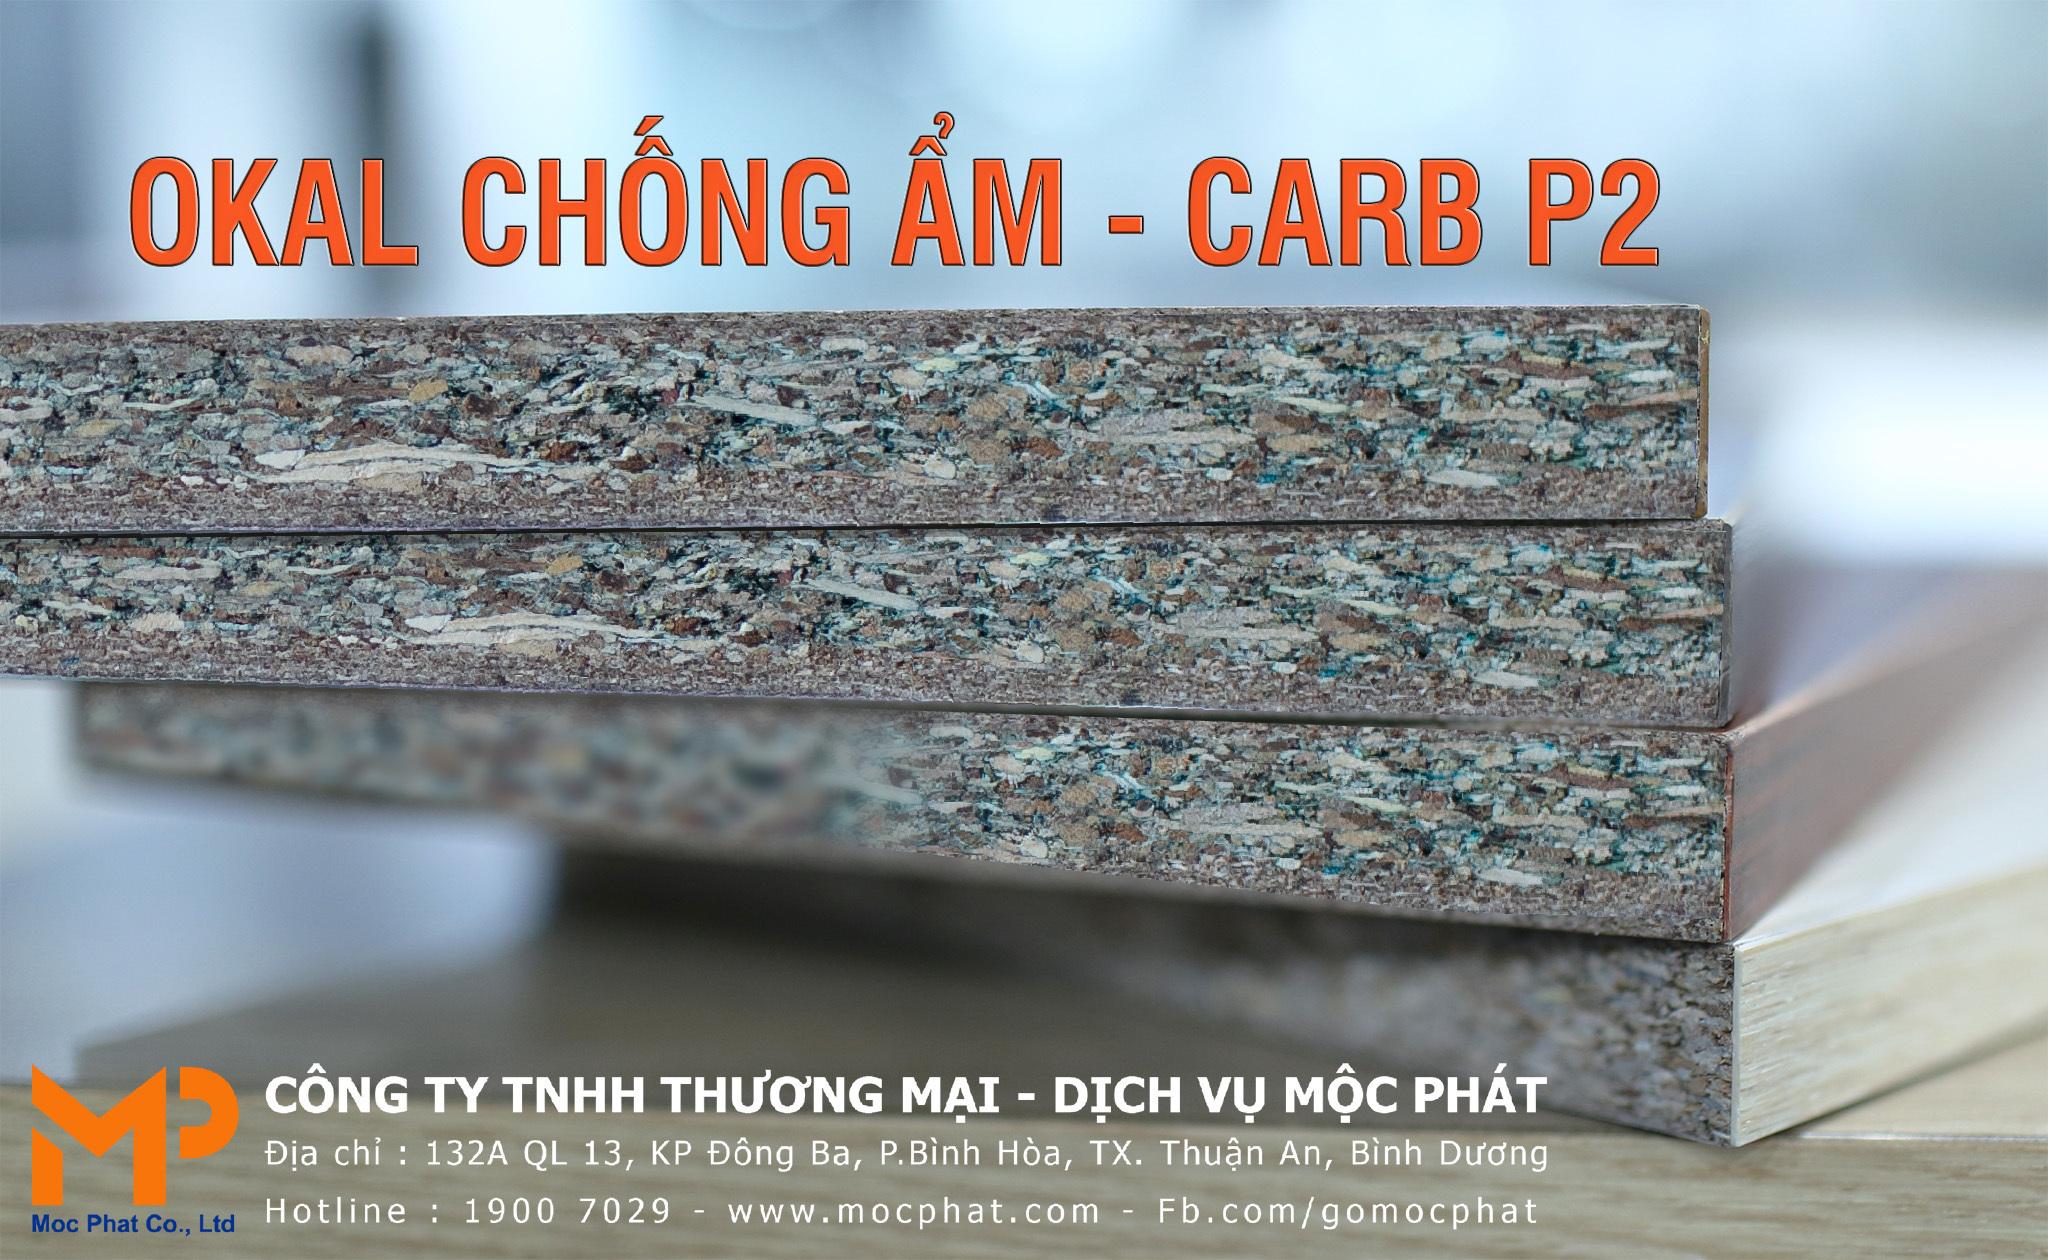 Ván dăm chống ẩm Carb p2